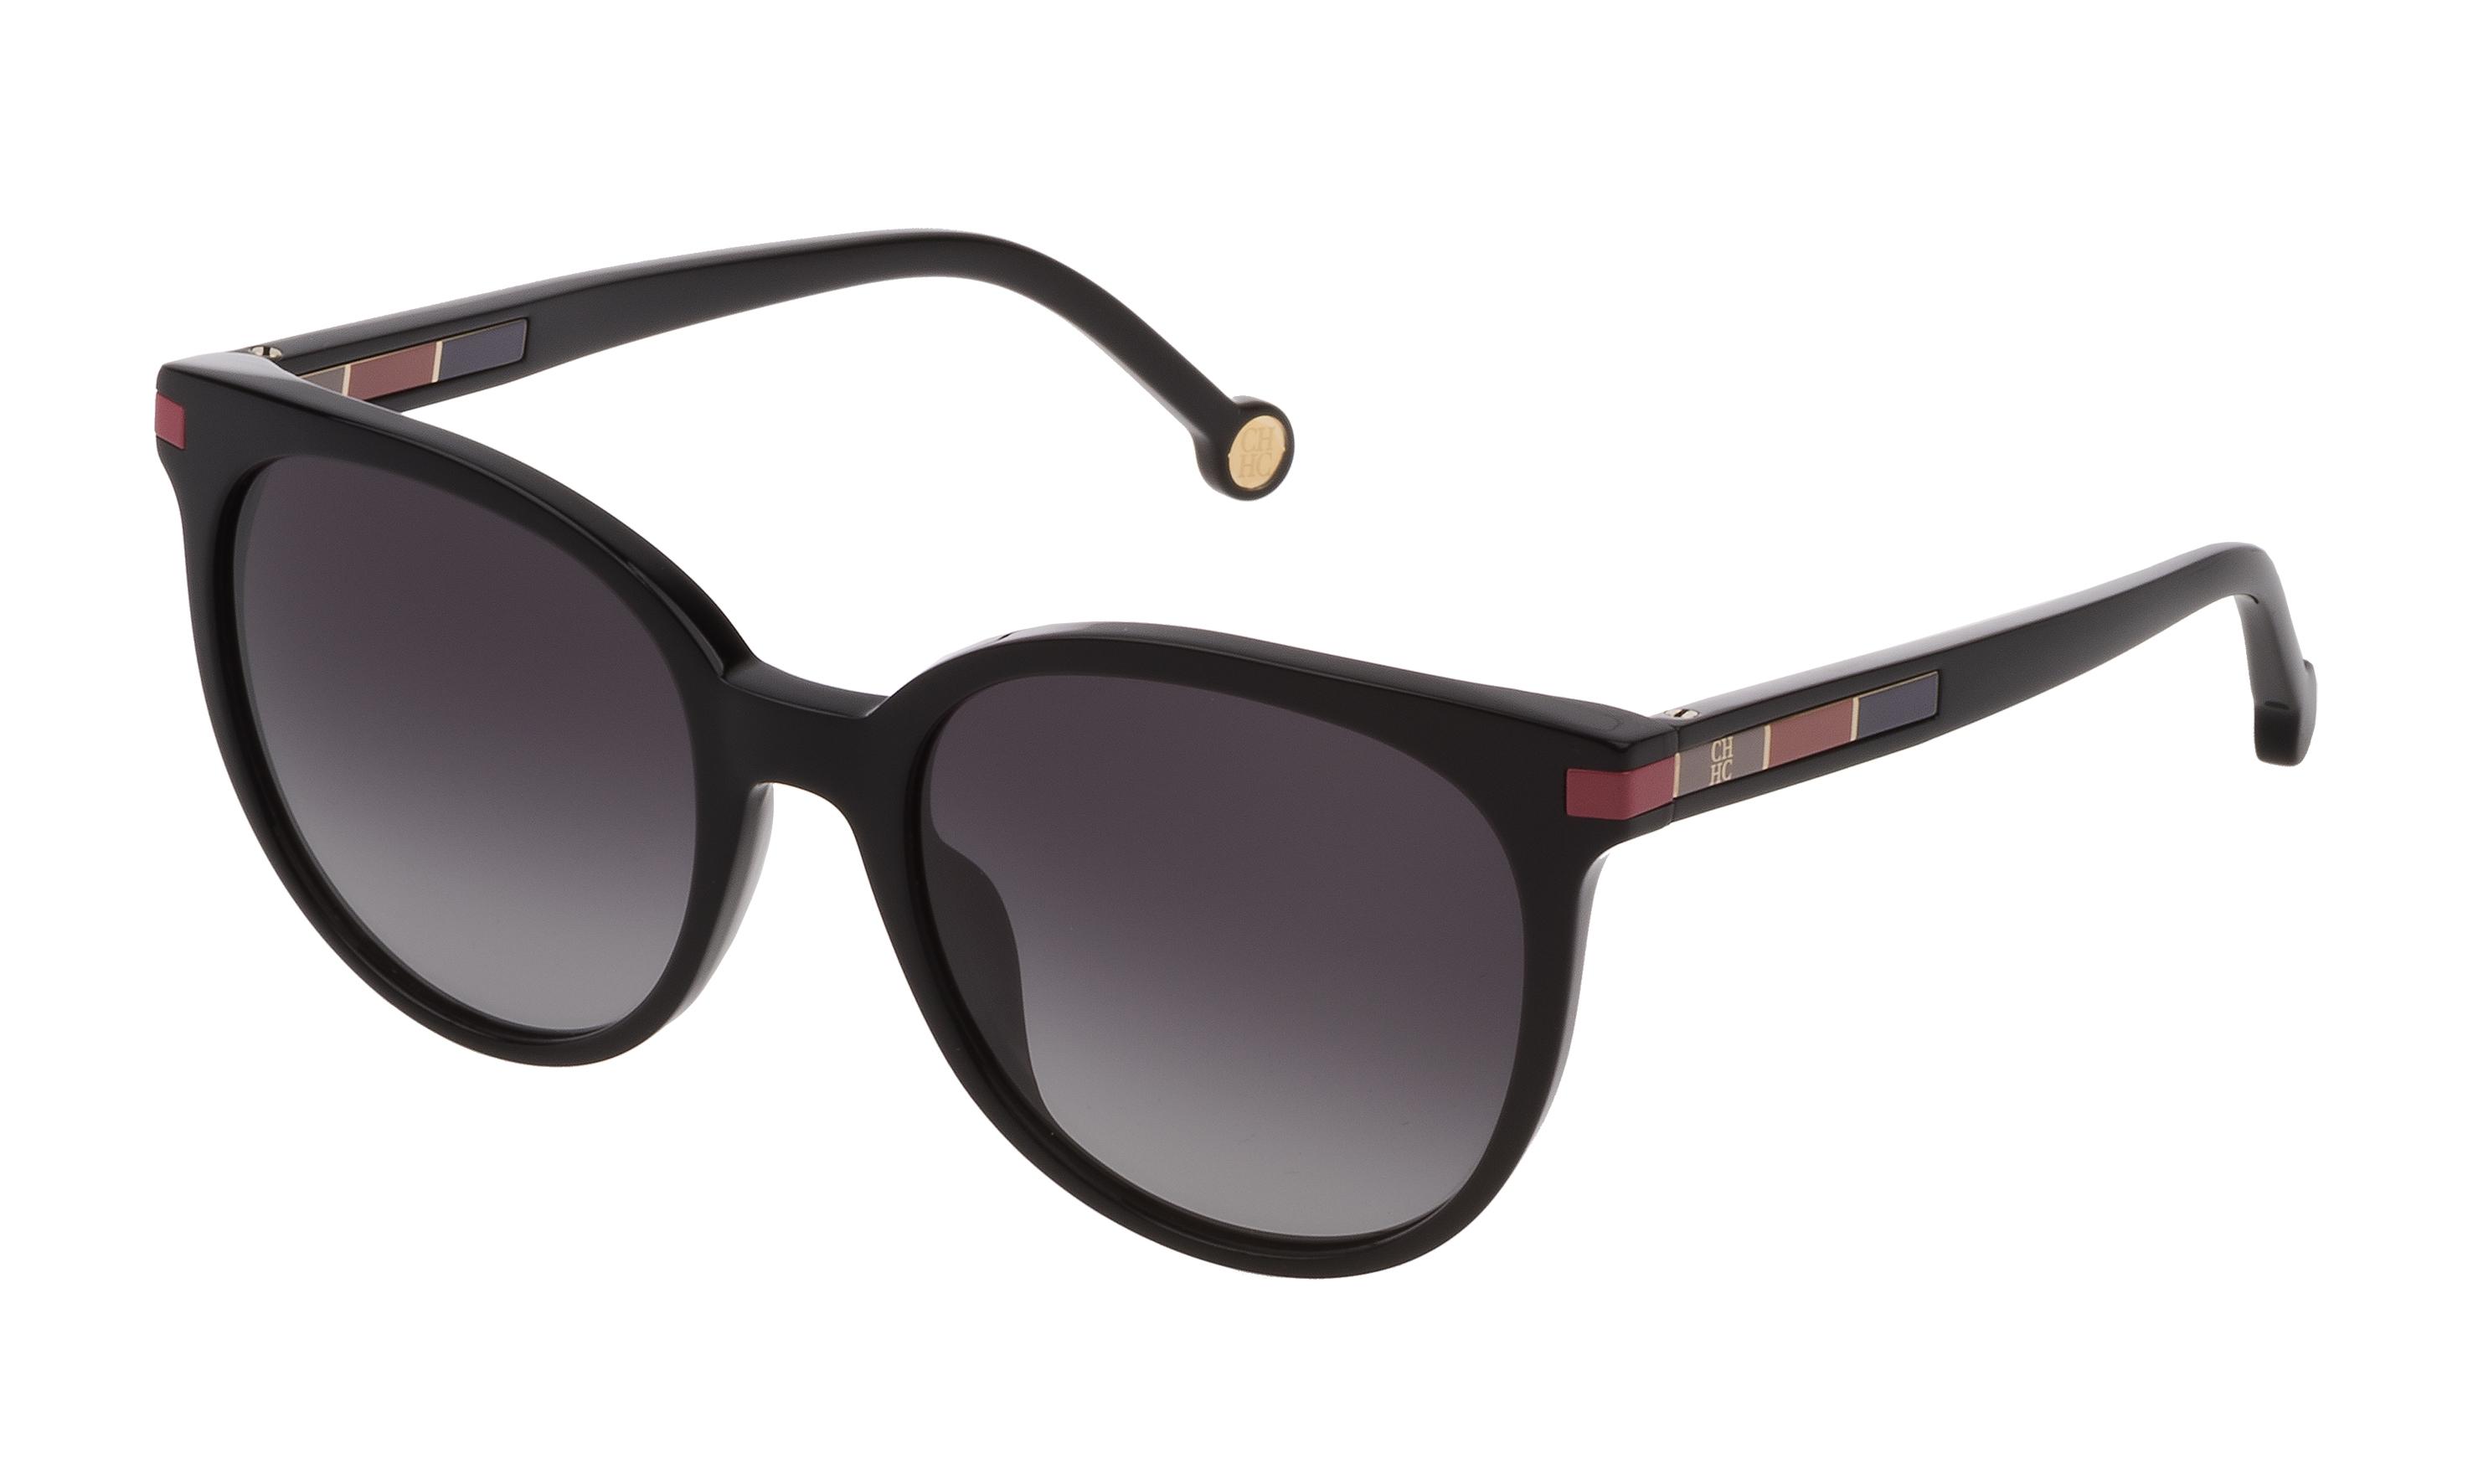 CAROLINA HERRERA SHE 830 0700  Gafas de sol Mujer